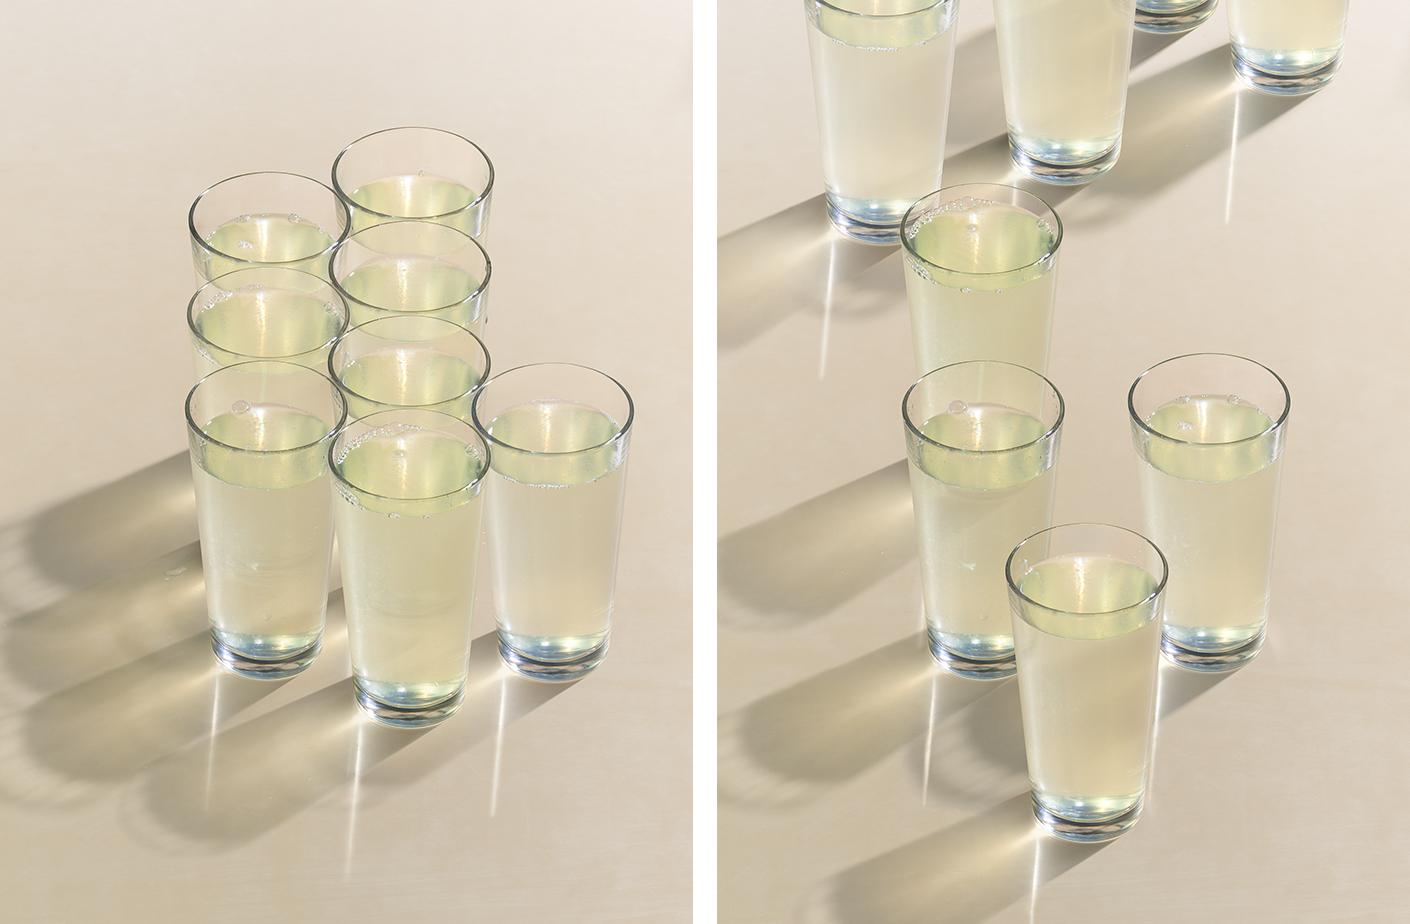 4586-01 Lemon Juice #01 4586-06 Lemon Juice #06  Pigment Print 13.50 x 18.00 inch Image Size 17.00 x 22.00 inch Paper Size 2 EDP / 3 AP